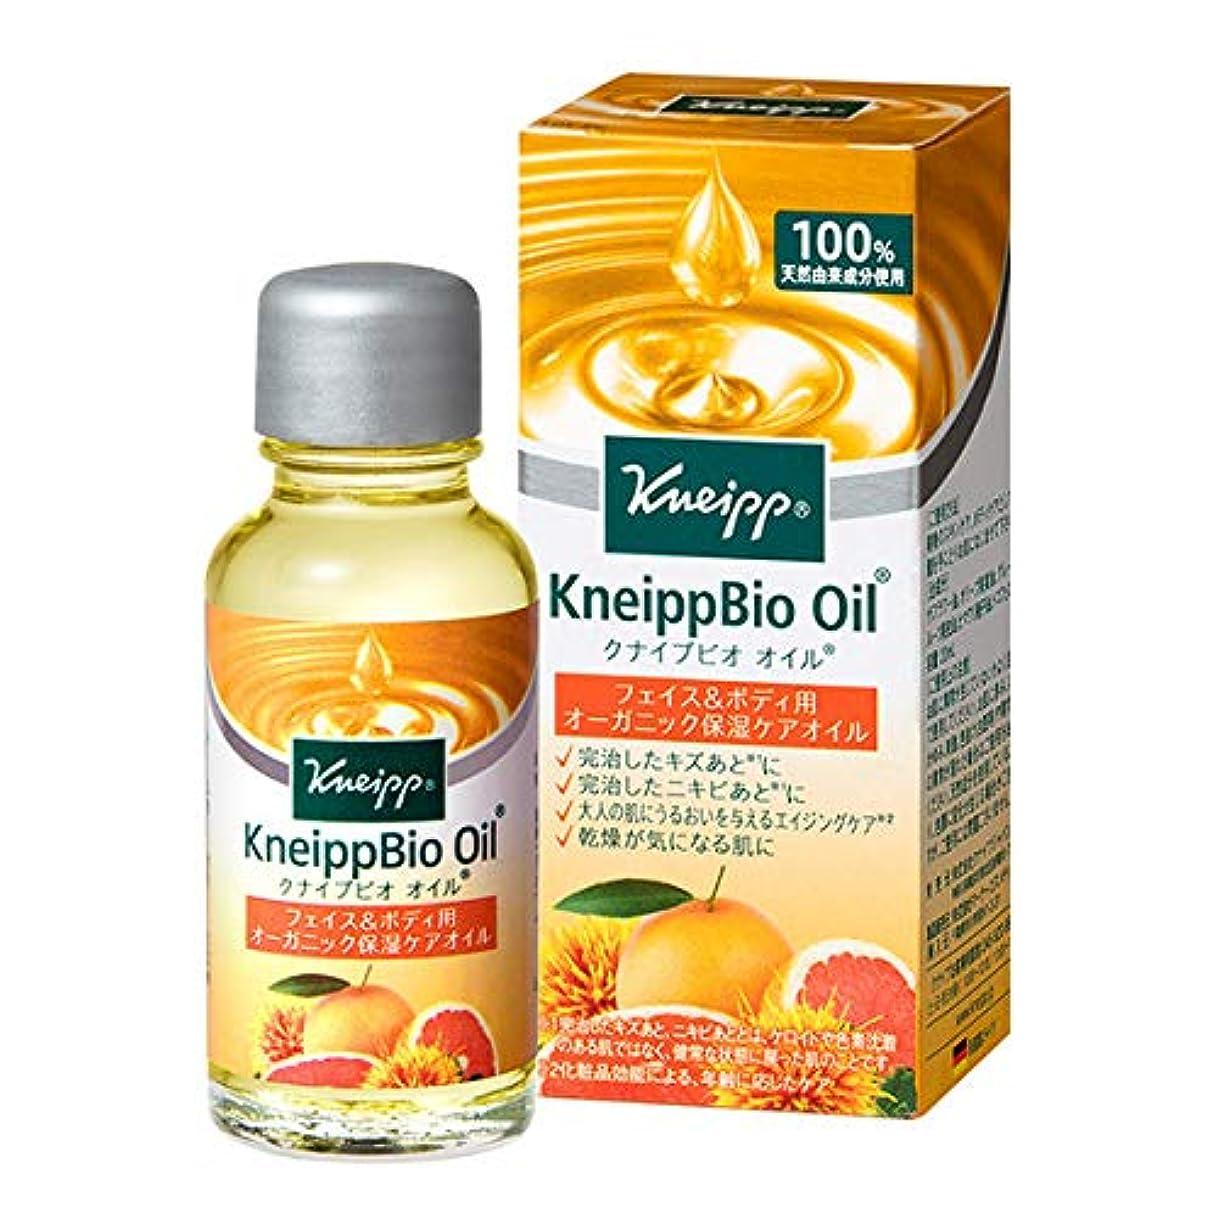 継続中寛大な迫害するクナイプ(Kneipp) クナイプビオ オイル20mL 美容液